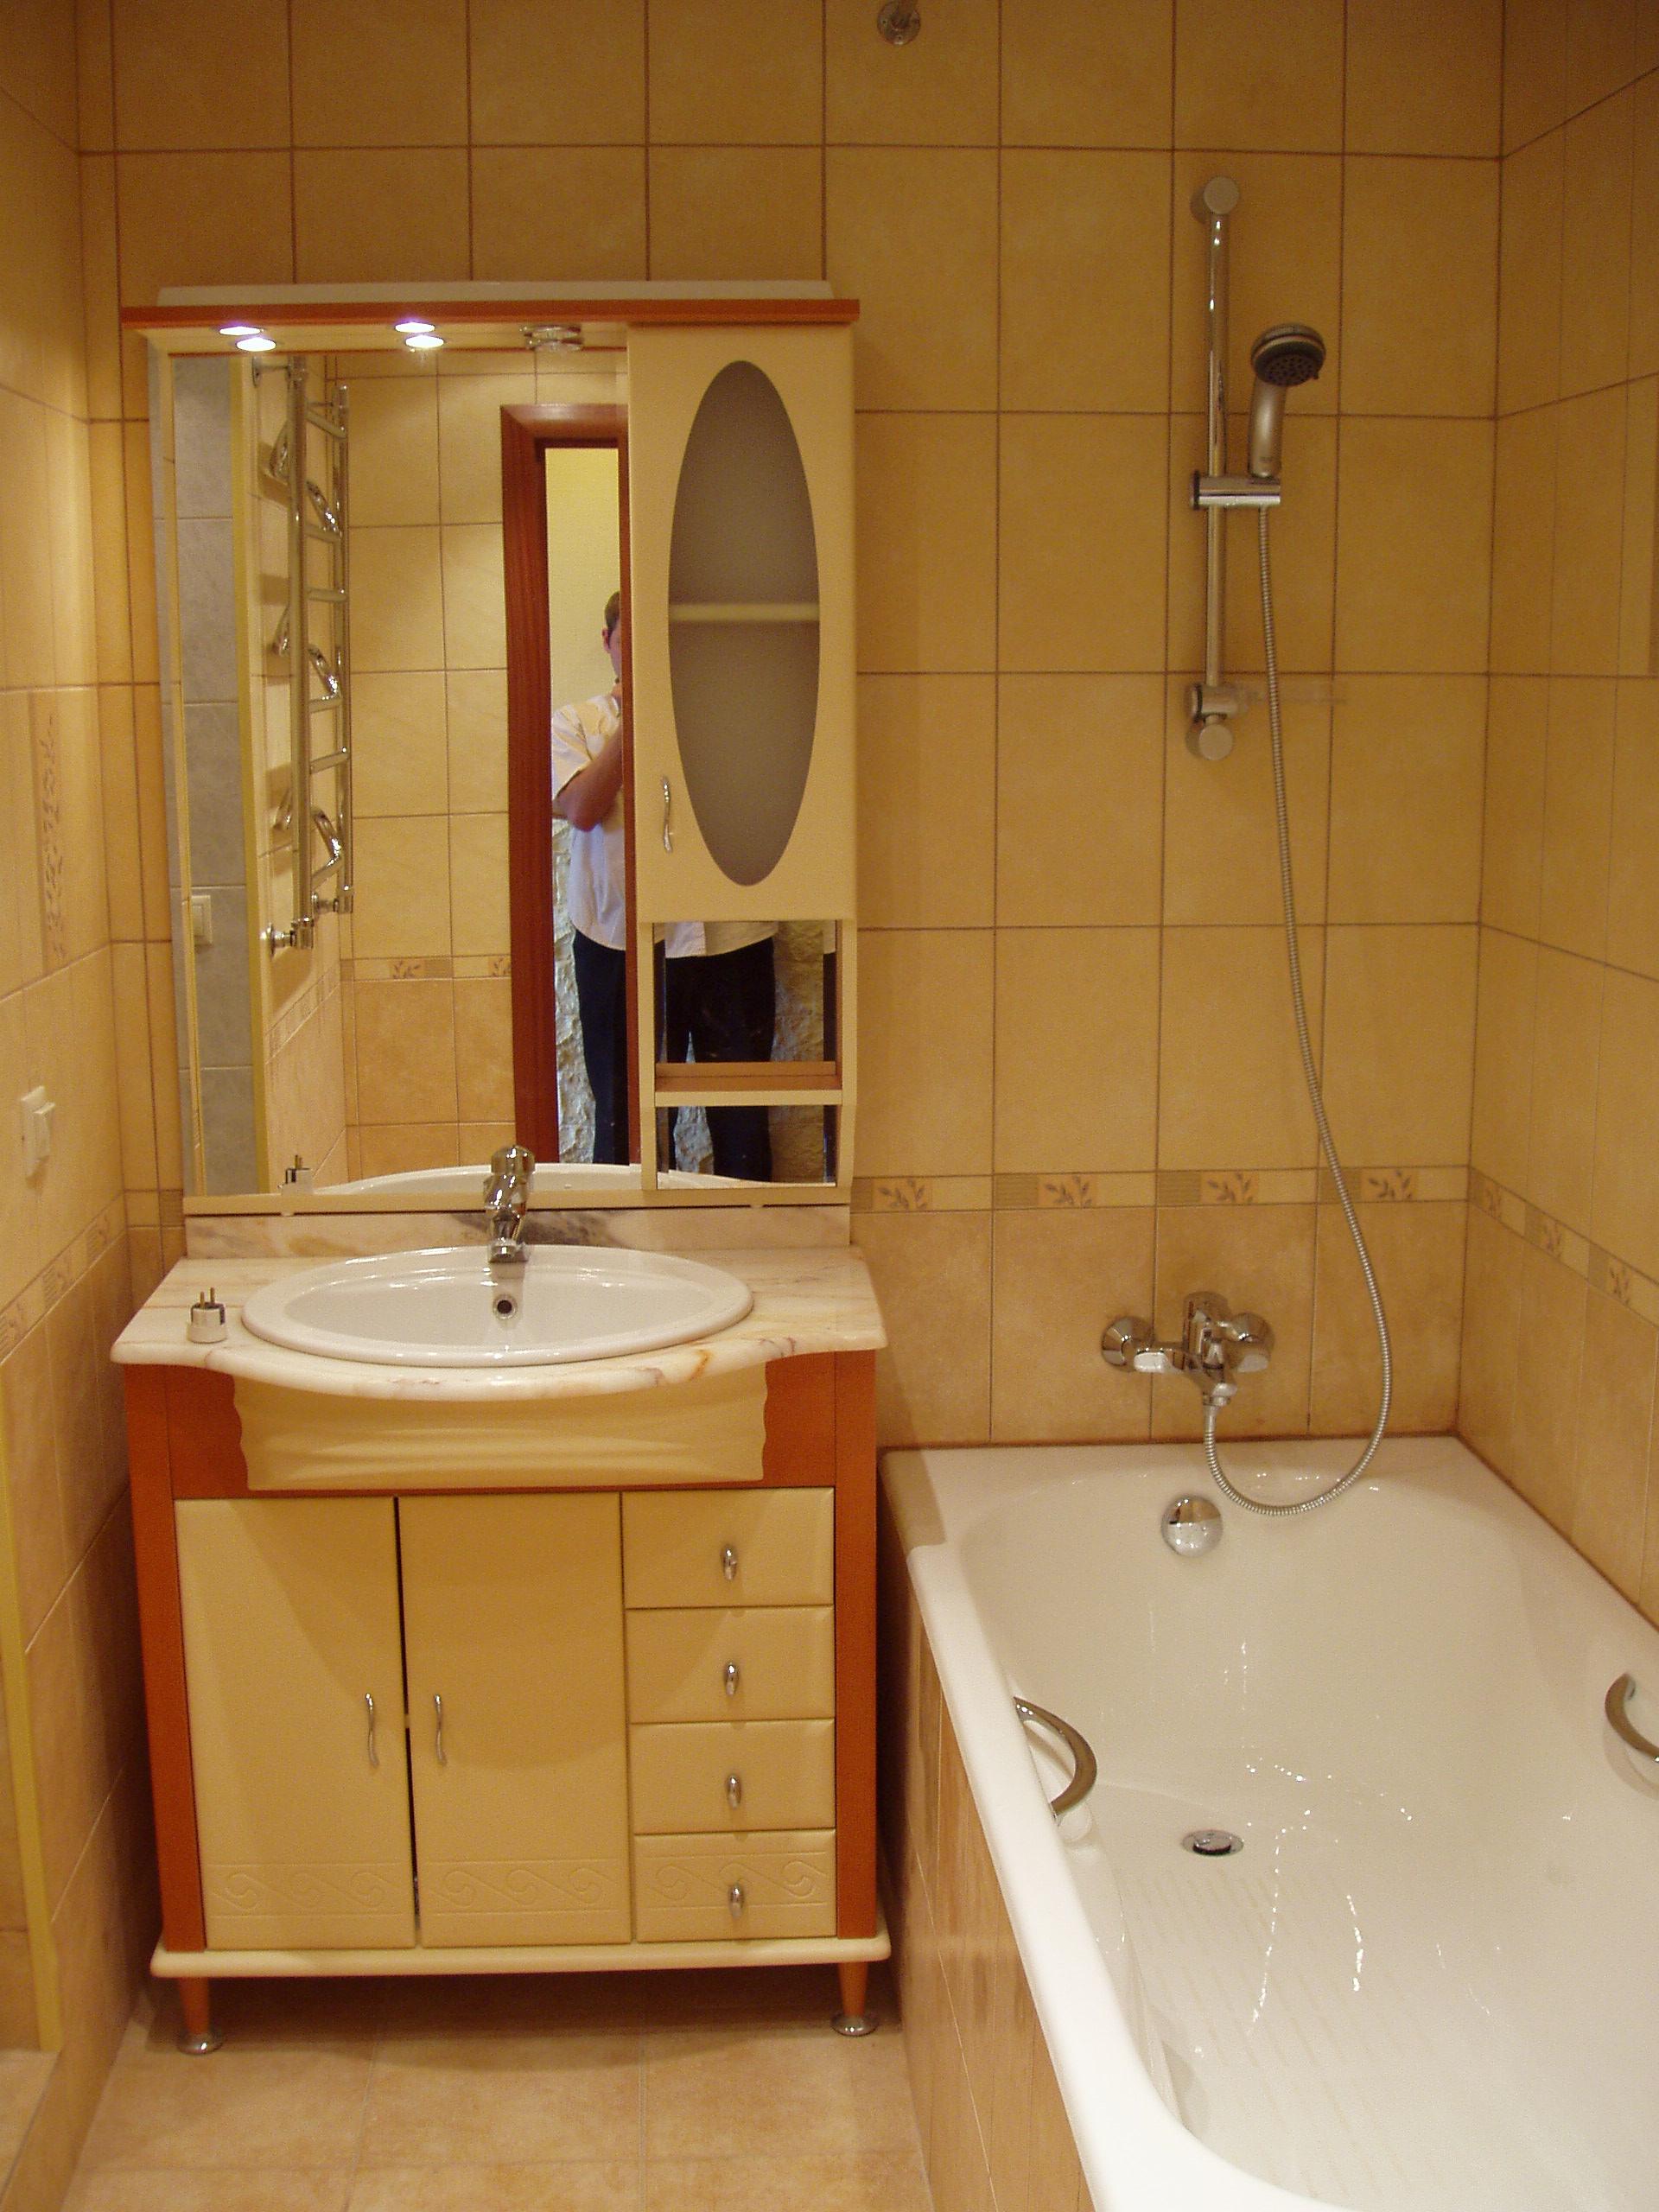 Как самому сделать дизайн ванной комнаты на компьютере